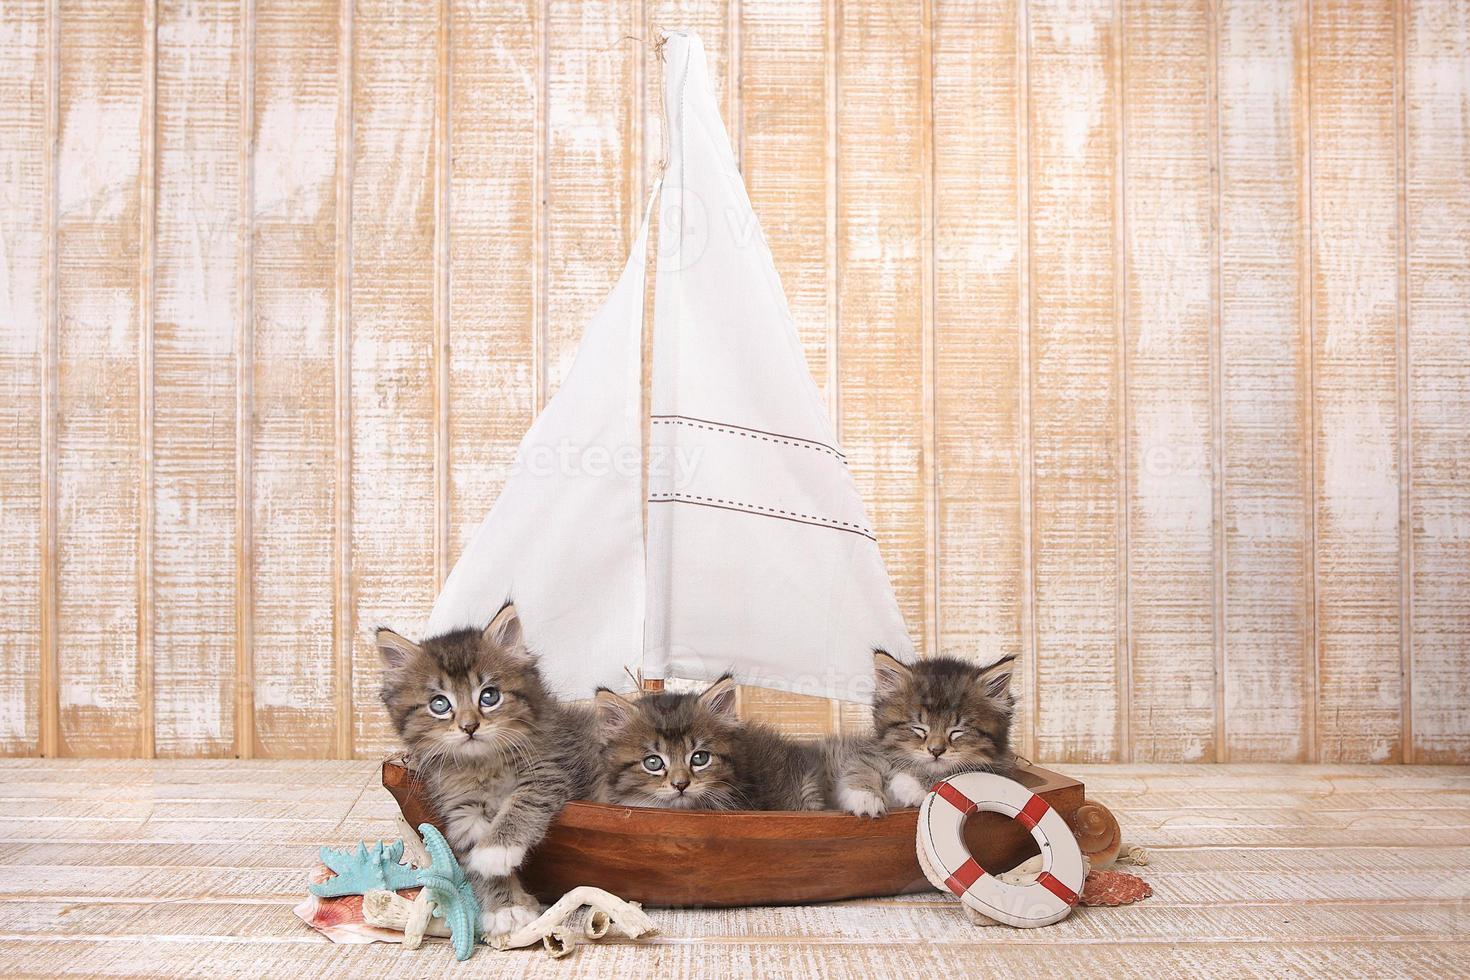 söta kattungar i en segelbåt med havstema foto